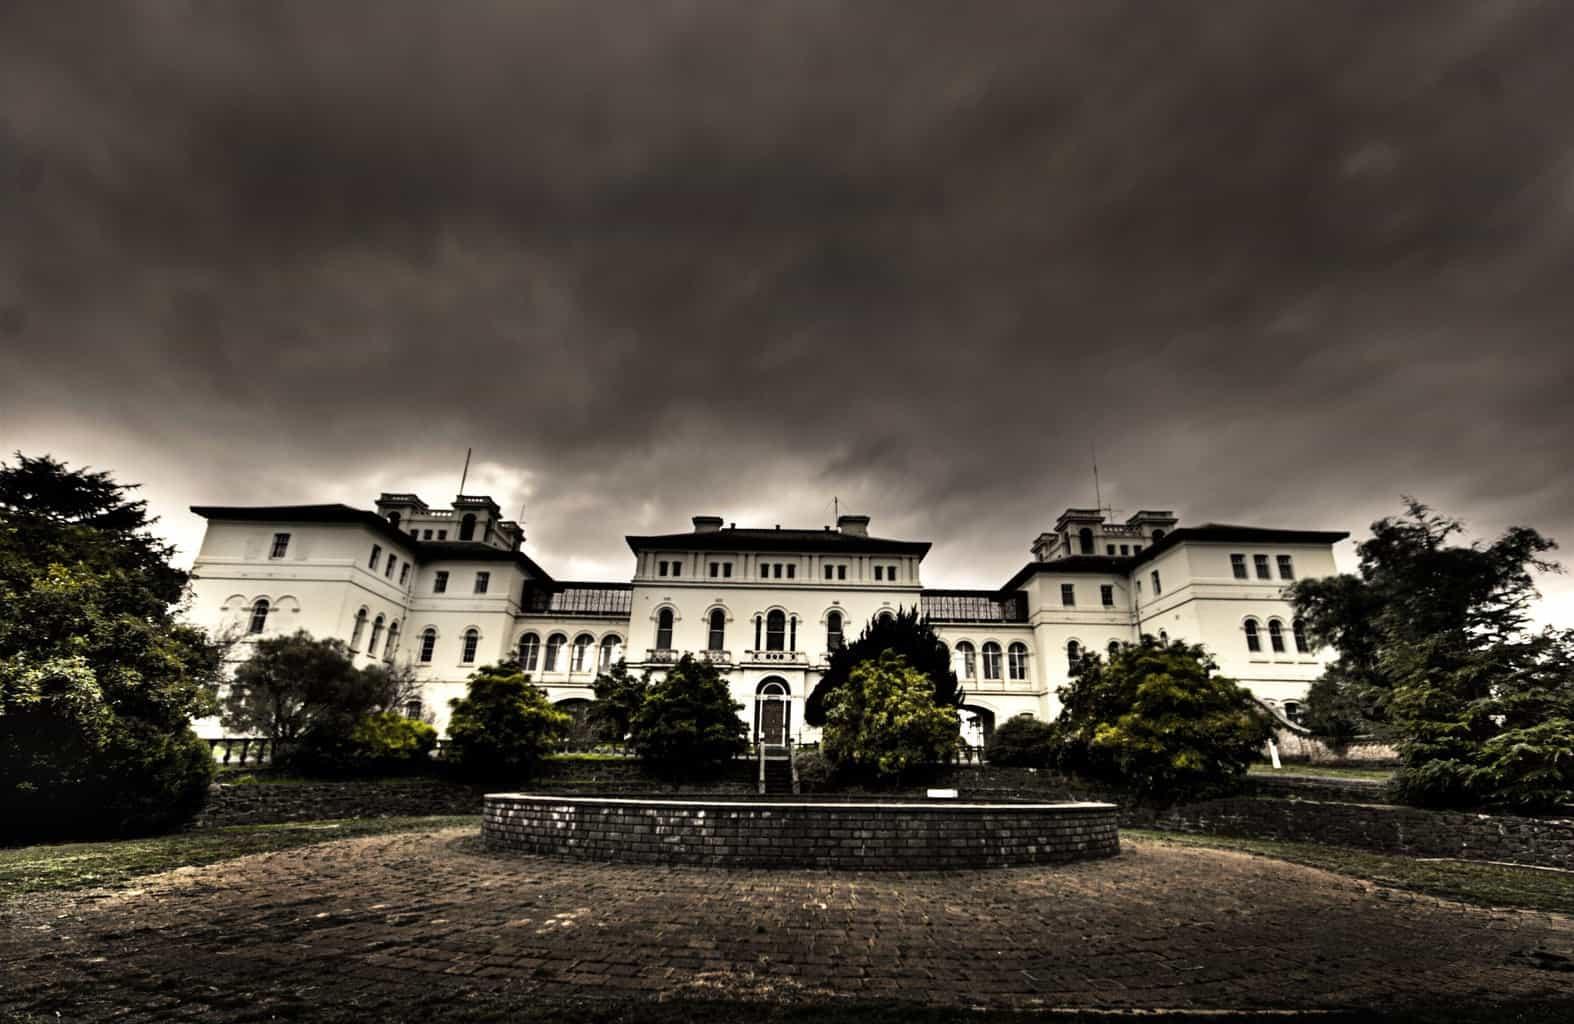 Aradale Asylum. Most haunted in Australia?